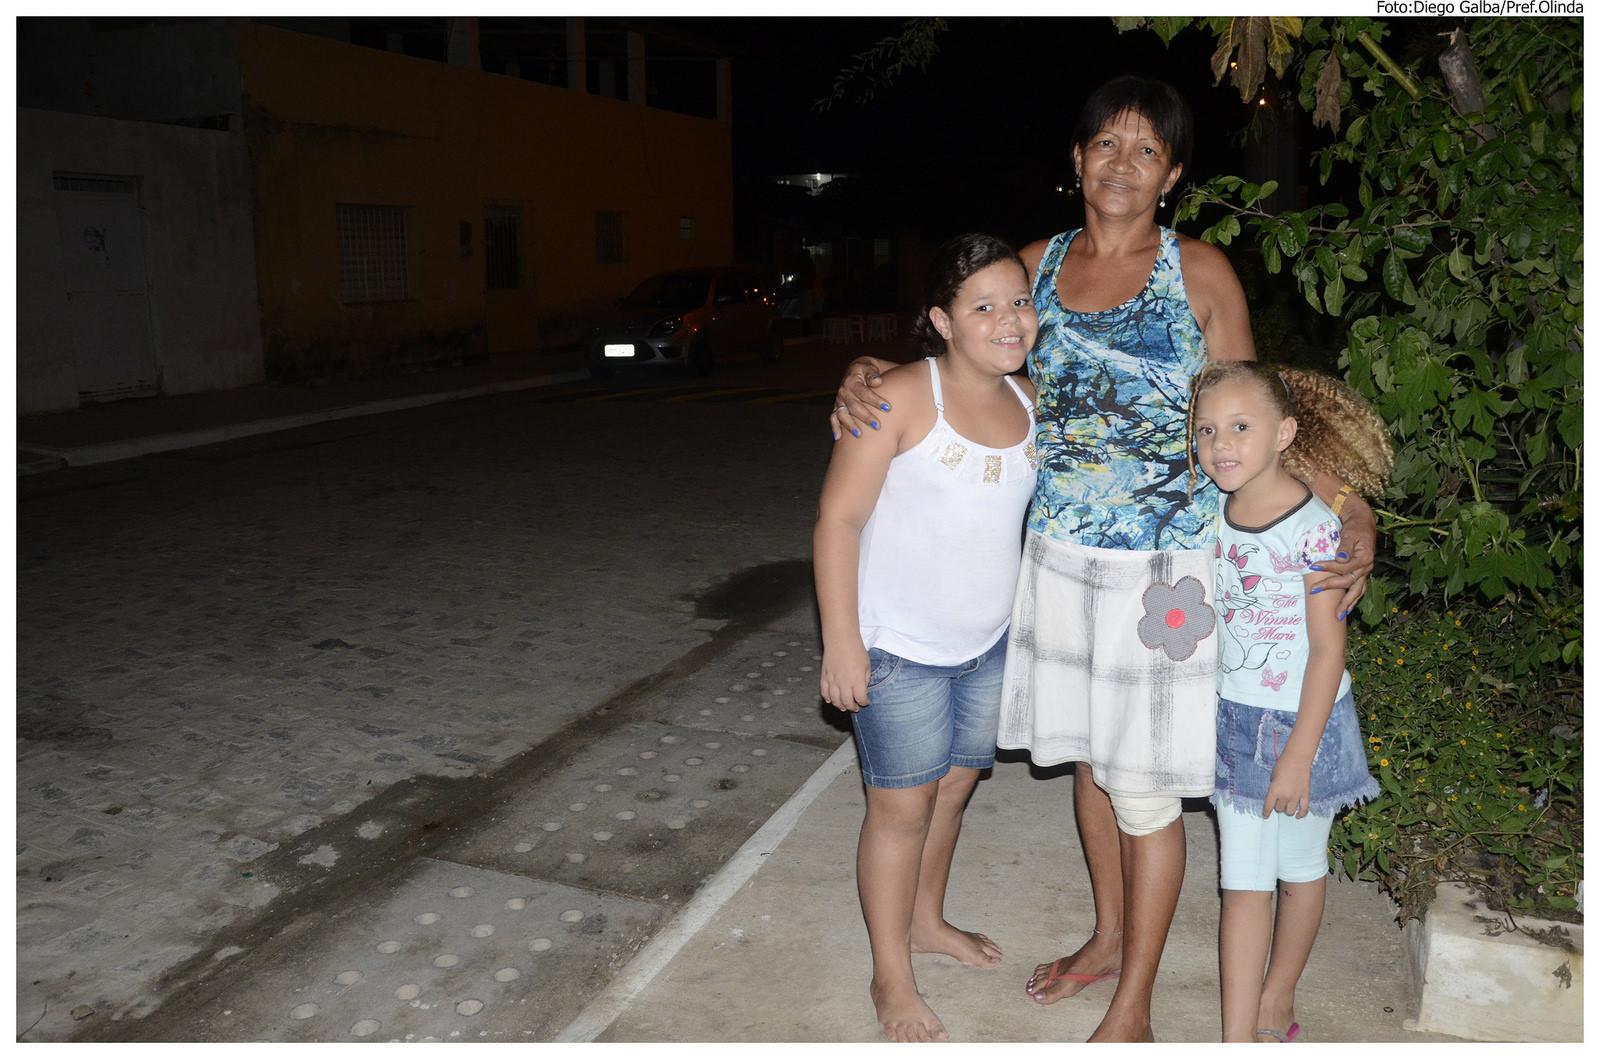 Urbanização integrada na rua Rua Francisco Fernandes da Rocha, Vila Popular. Foto: Diego Galba/Pref.Olinda